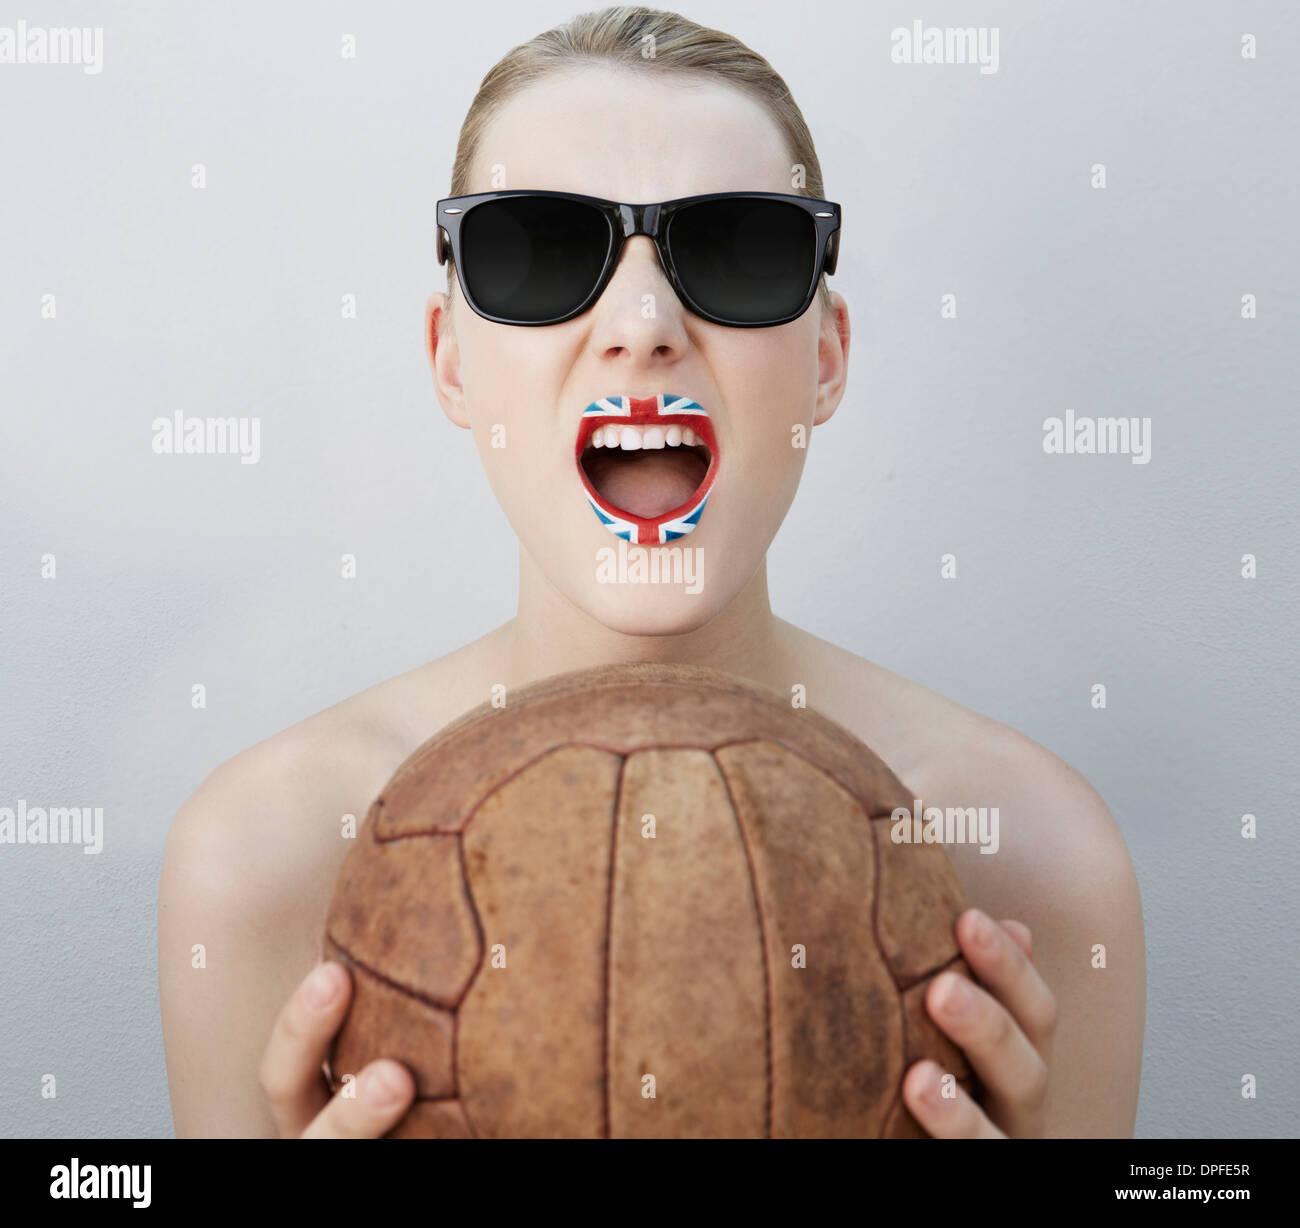 Femme avec drapeau britannique rouge à lèvres, holding soccer ball Photo Stock